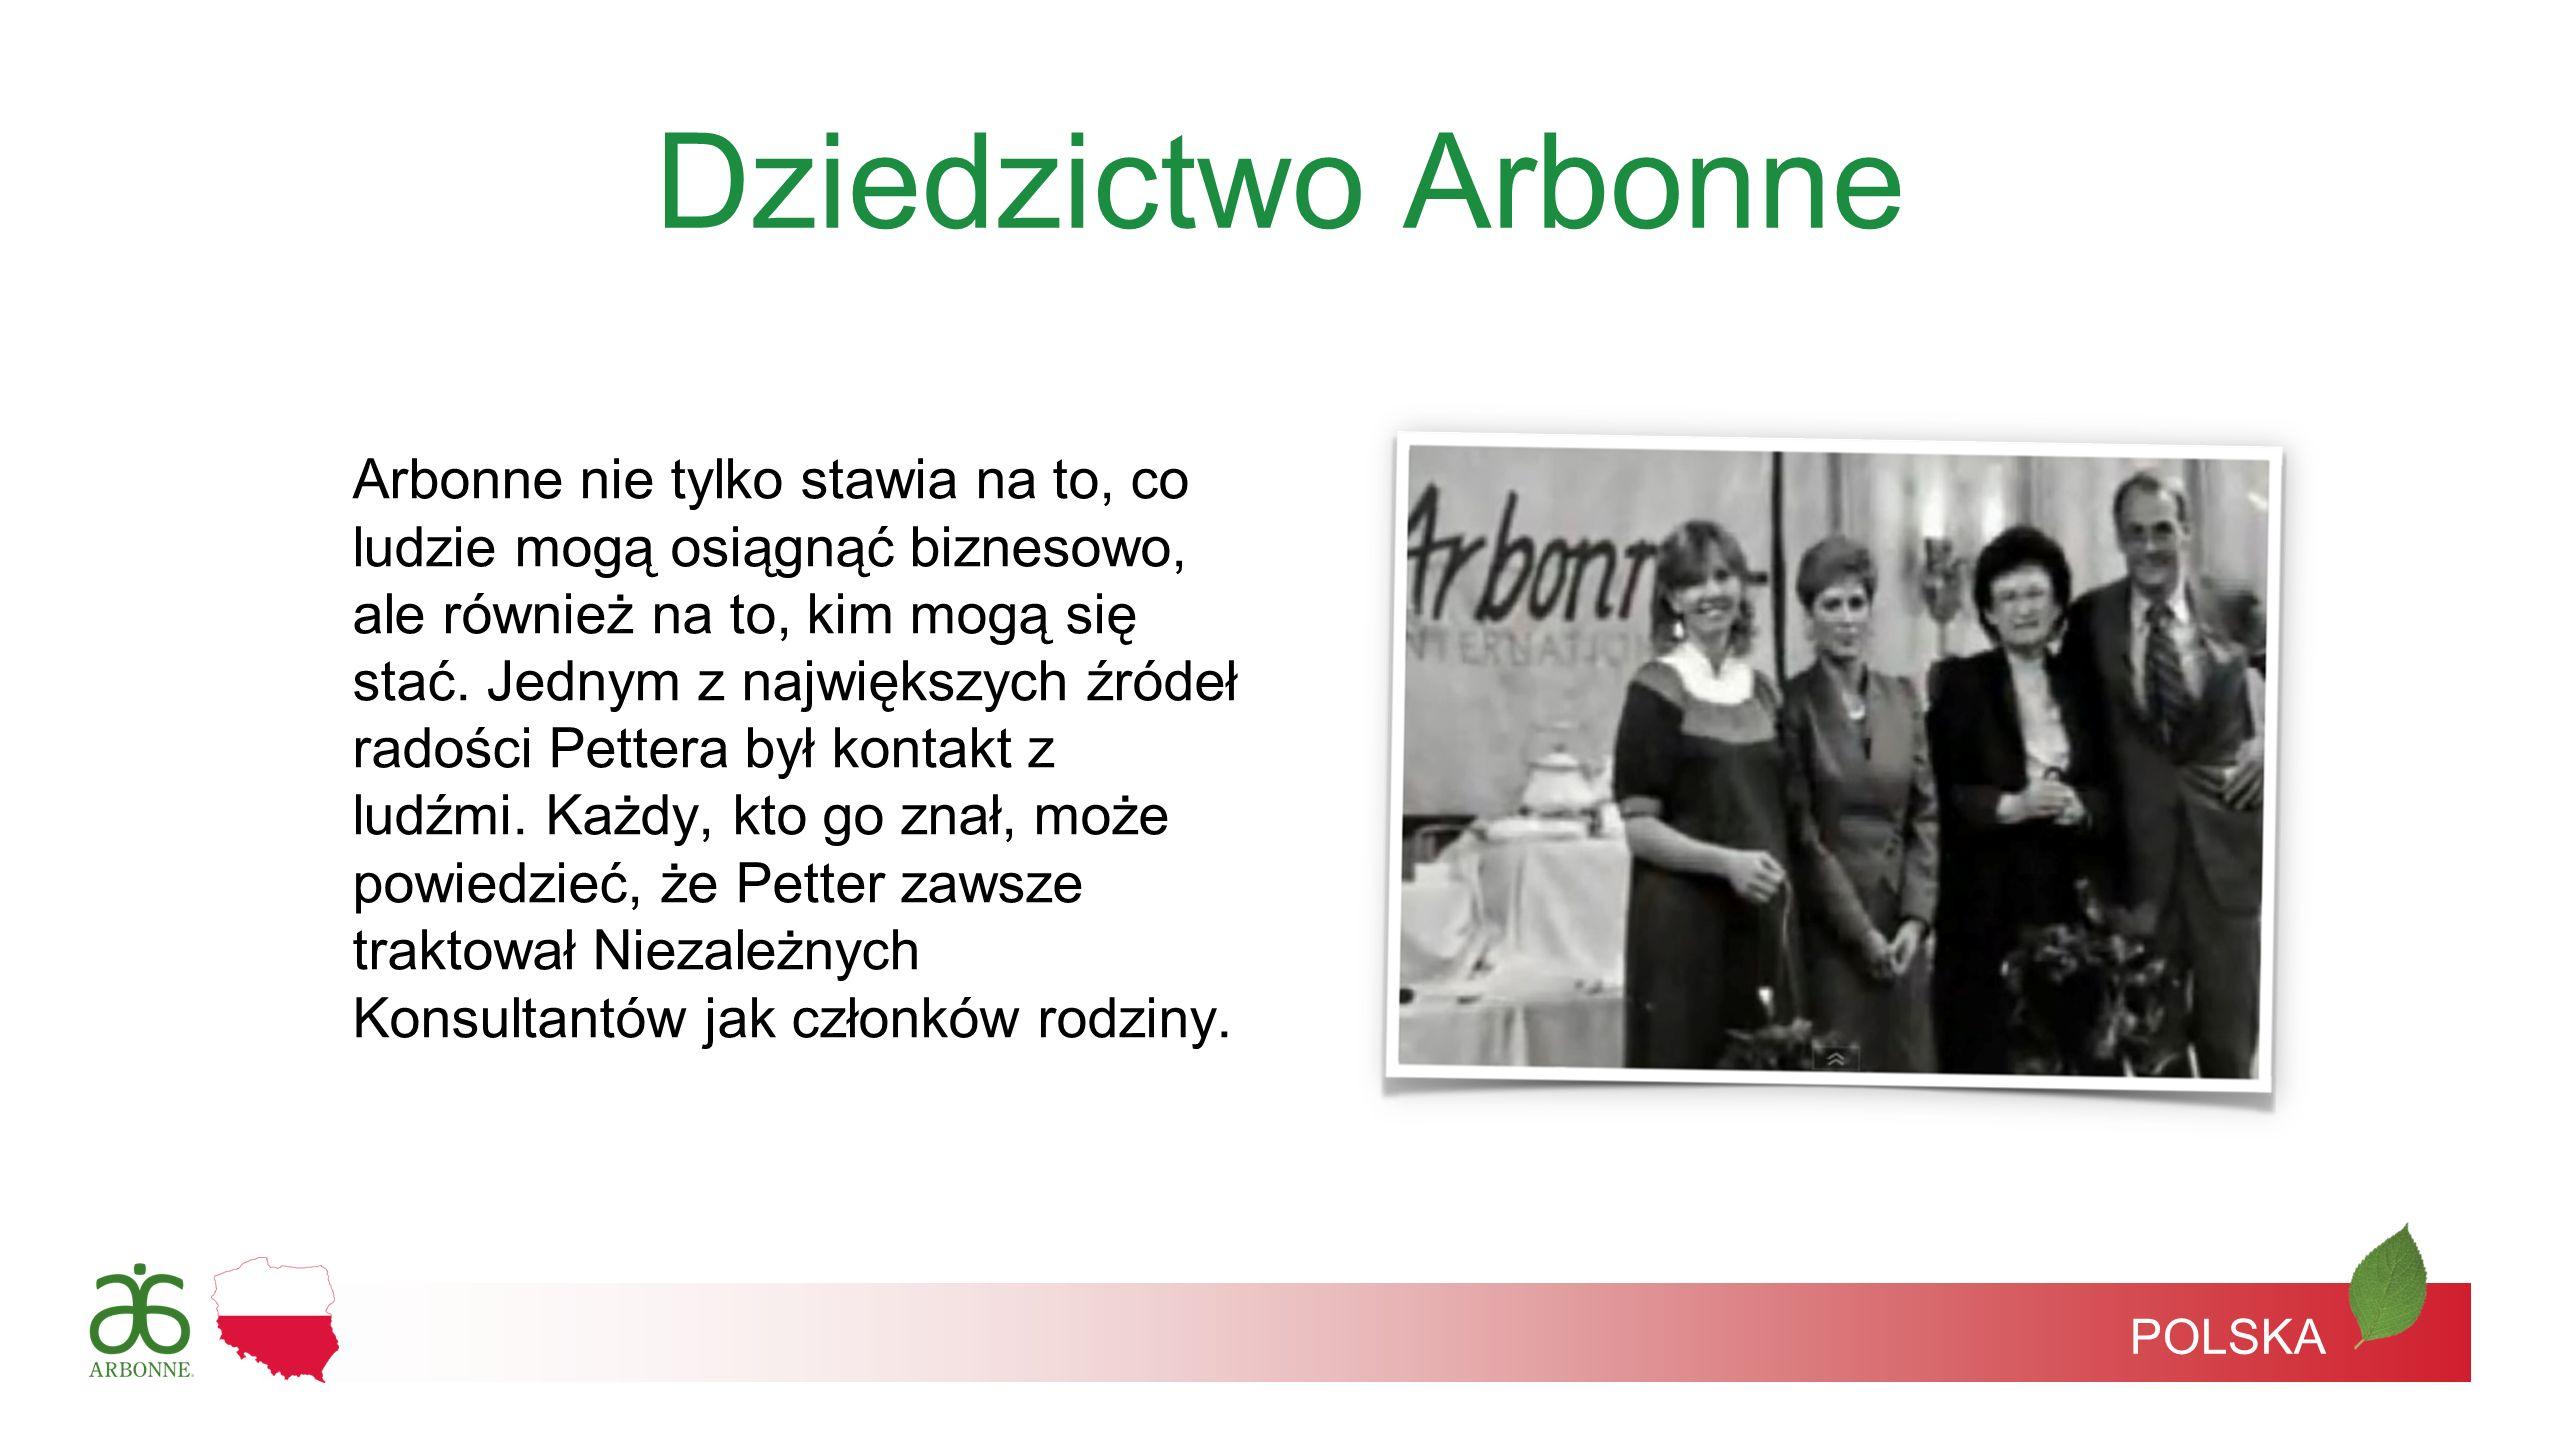 POLSKA Historia oraz obecność firmy na rynku: Petter Morck założył firmę Arbonne w 1980 roku.